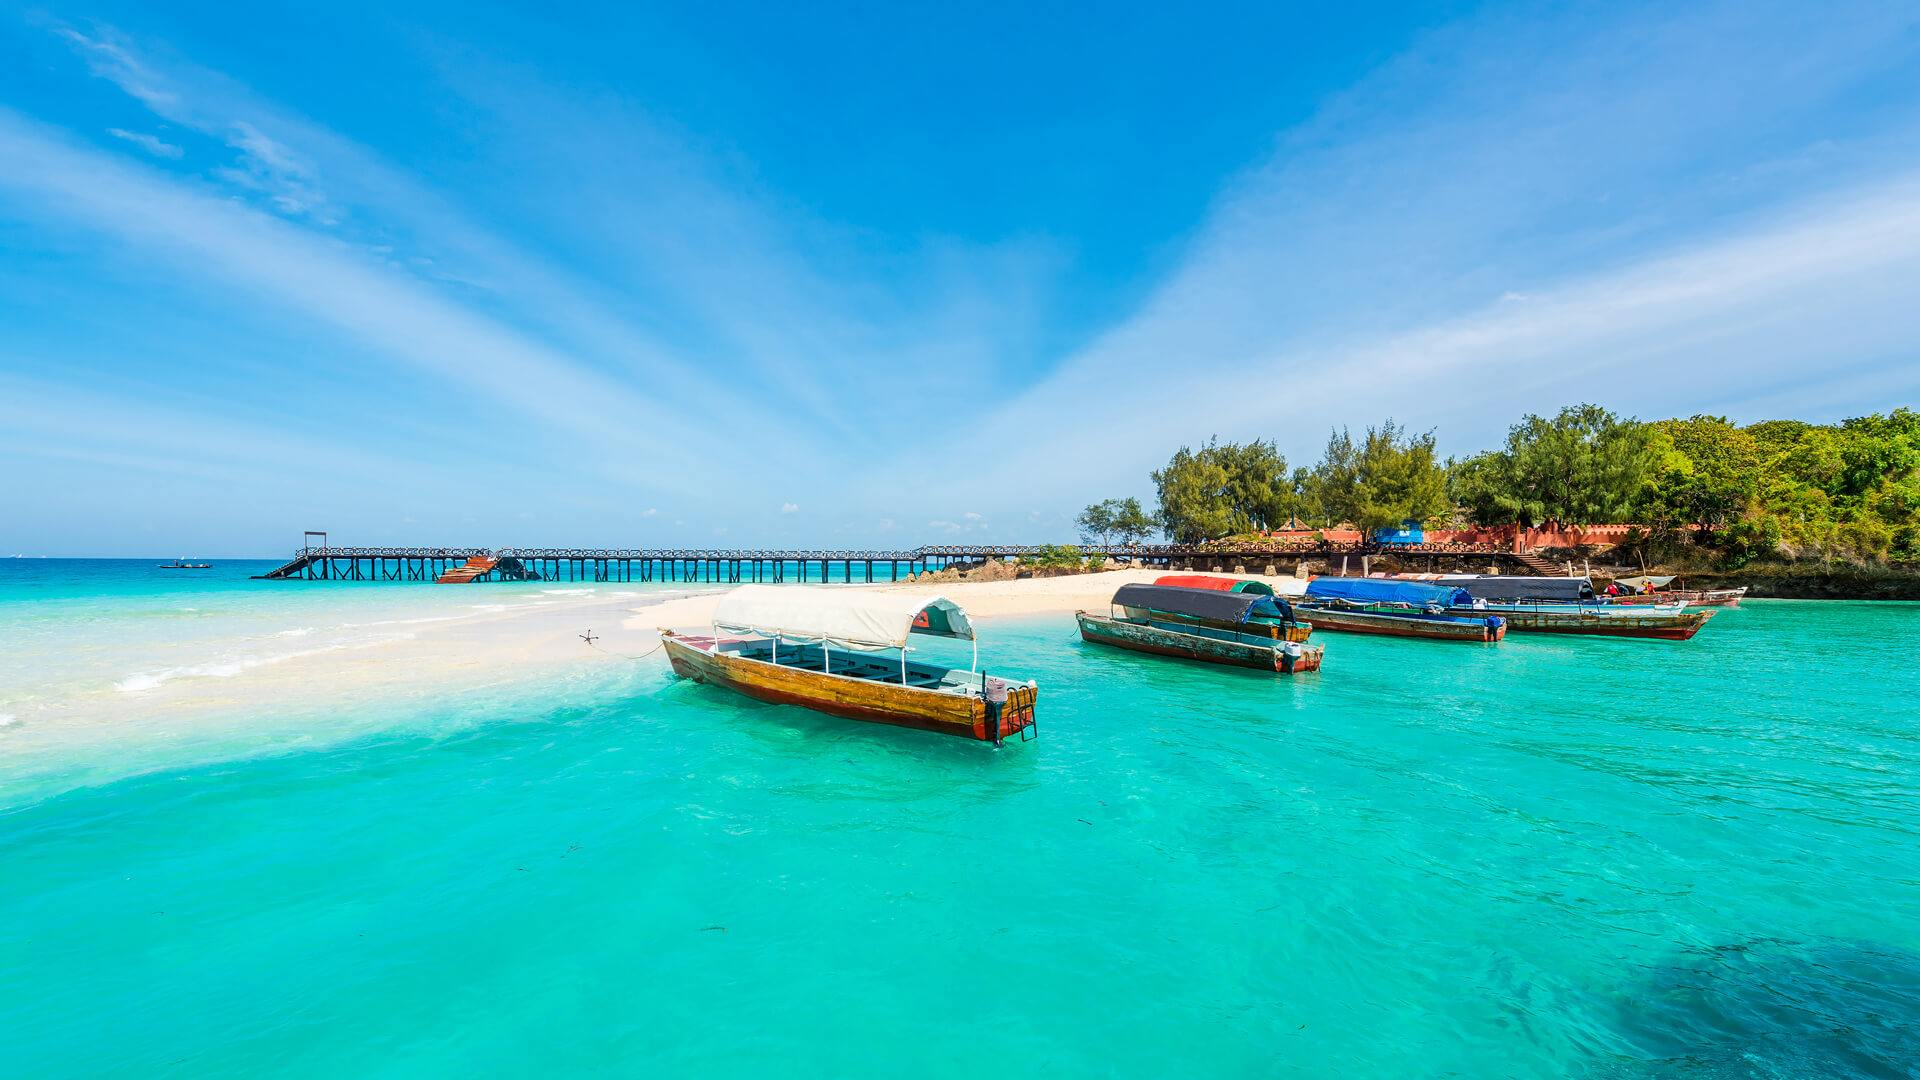 výlety do okolí Zanzibaru - ostrov Prison